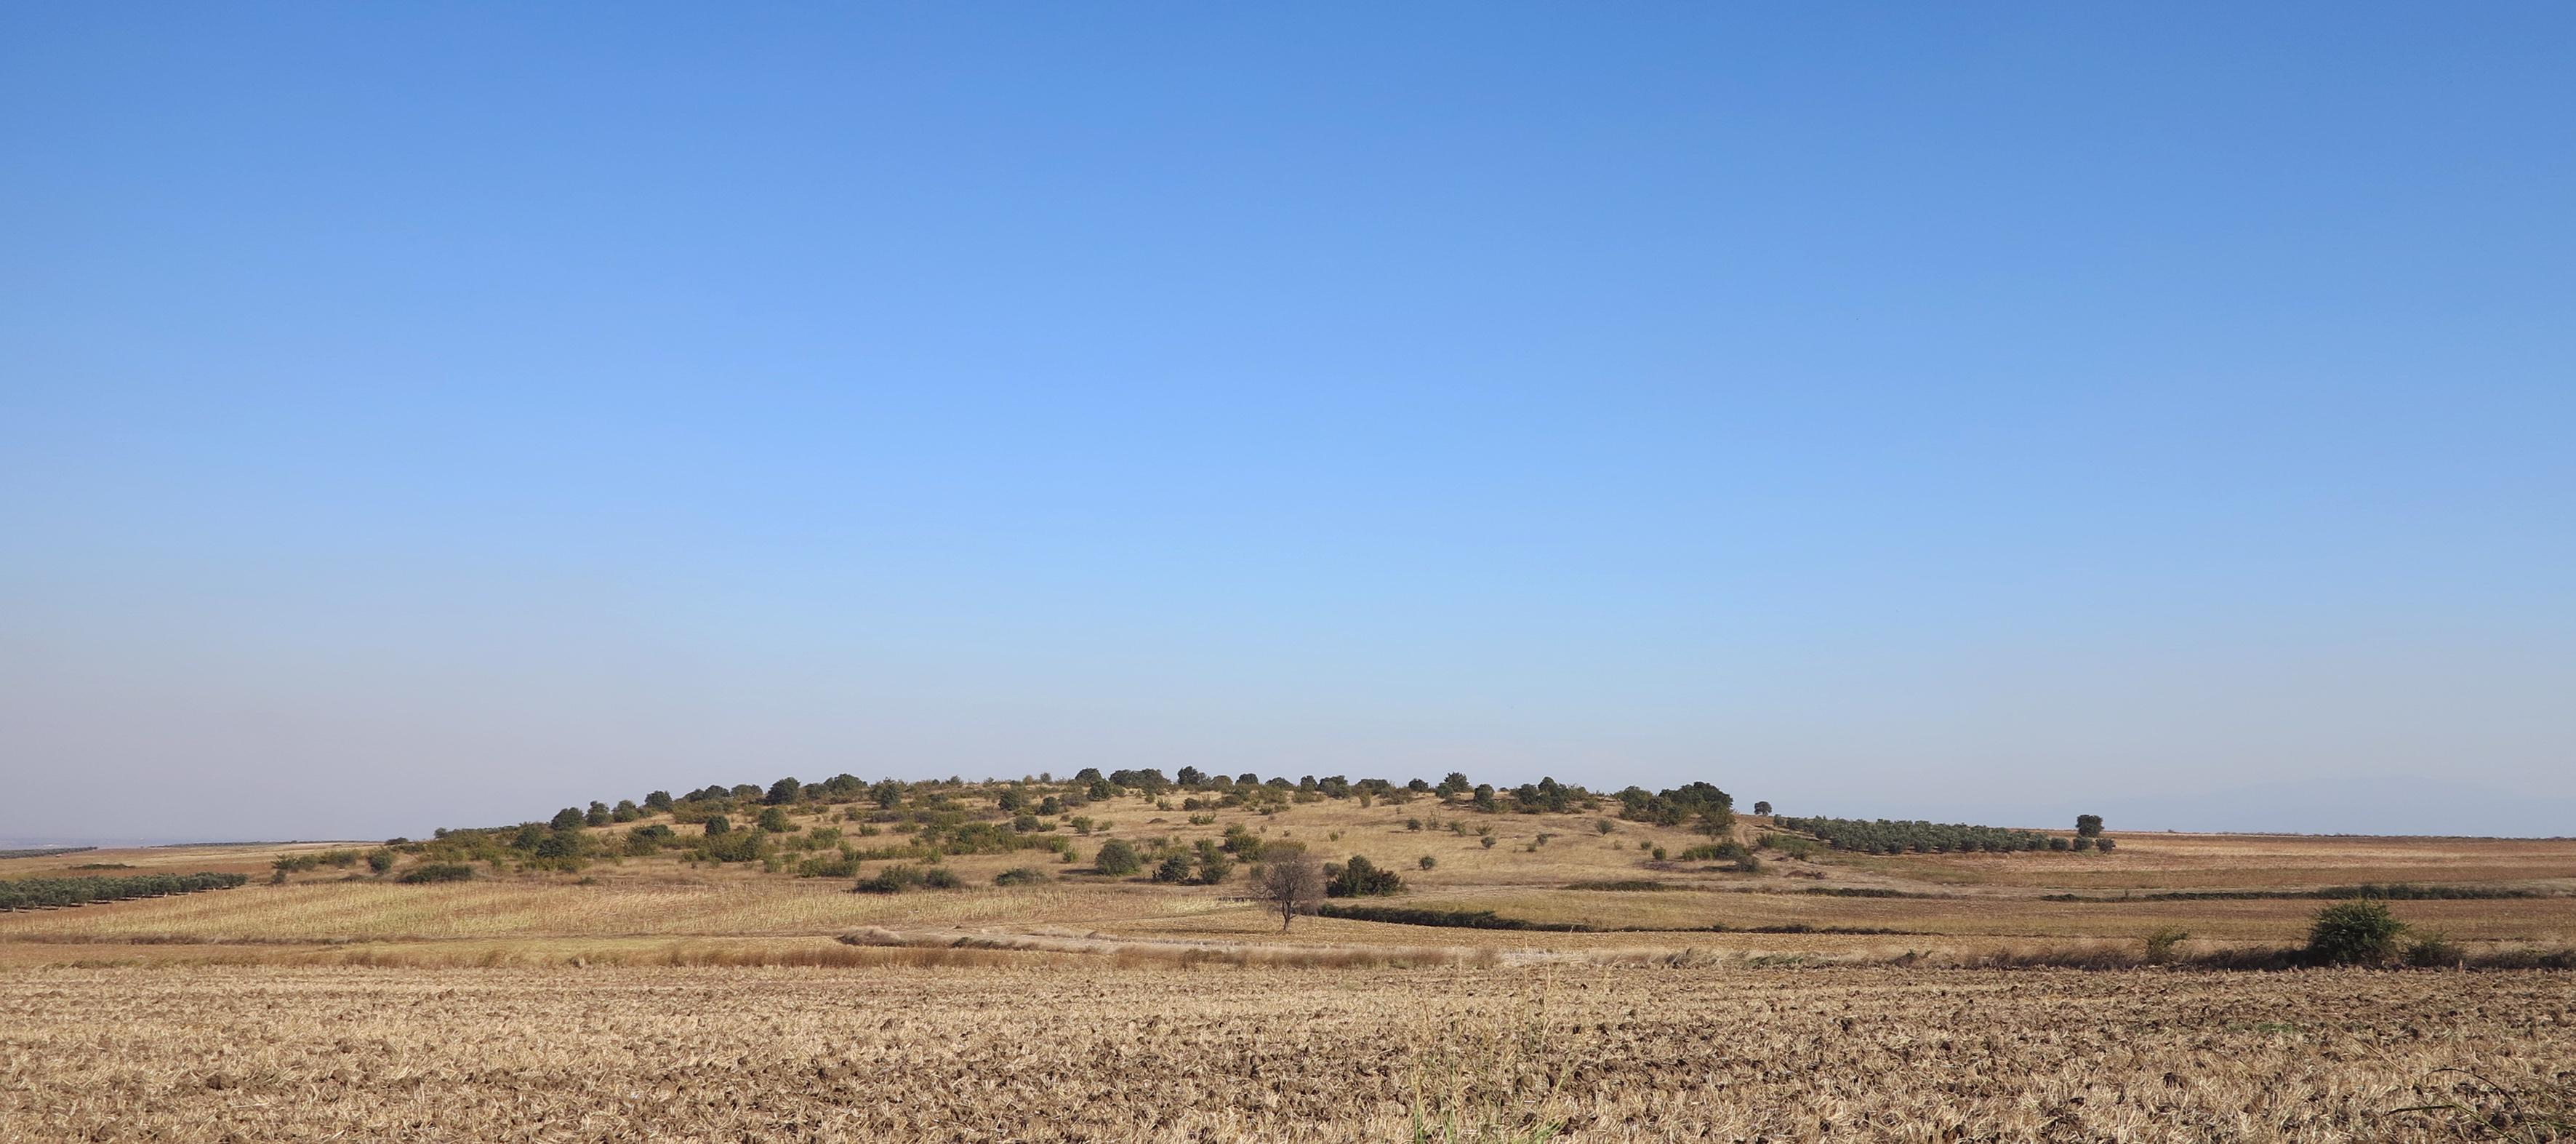 Çakmaktepe Paleolitik buluntu yeri, Karacabey Ovasına bakan doğal bir yükseltinin üzerinde bulunur.